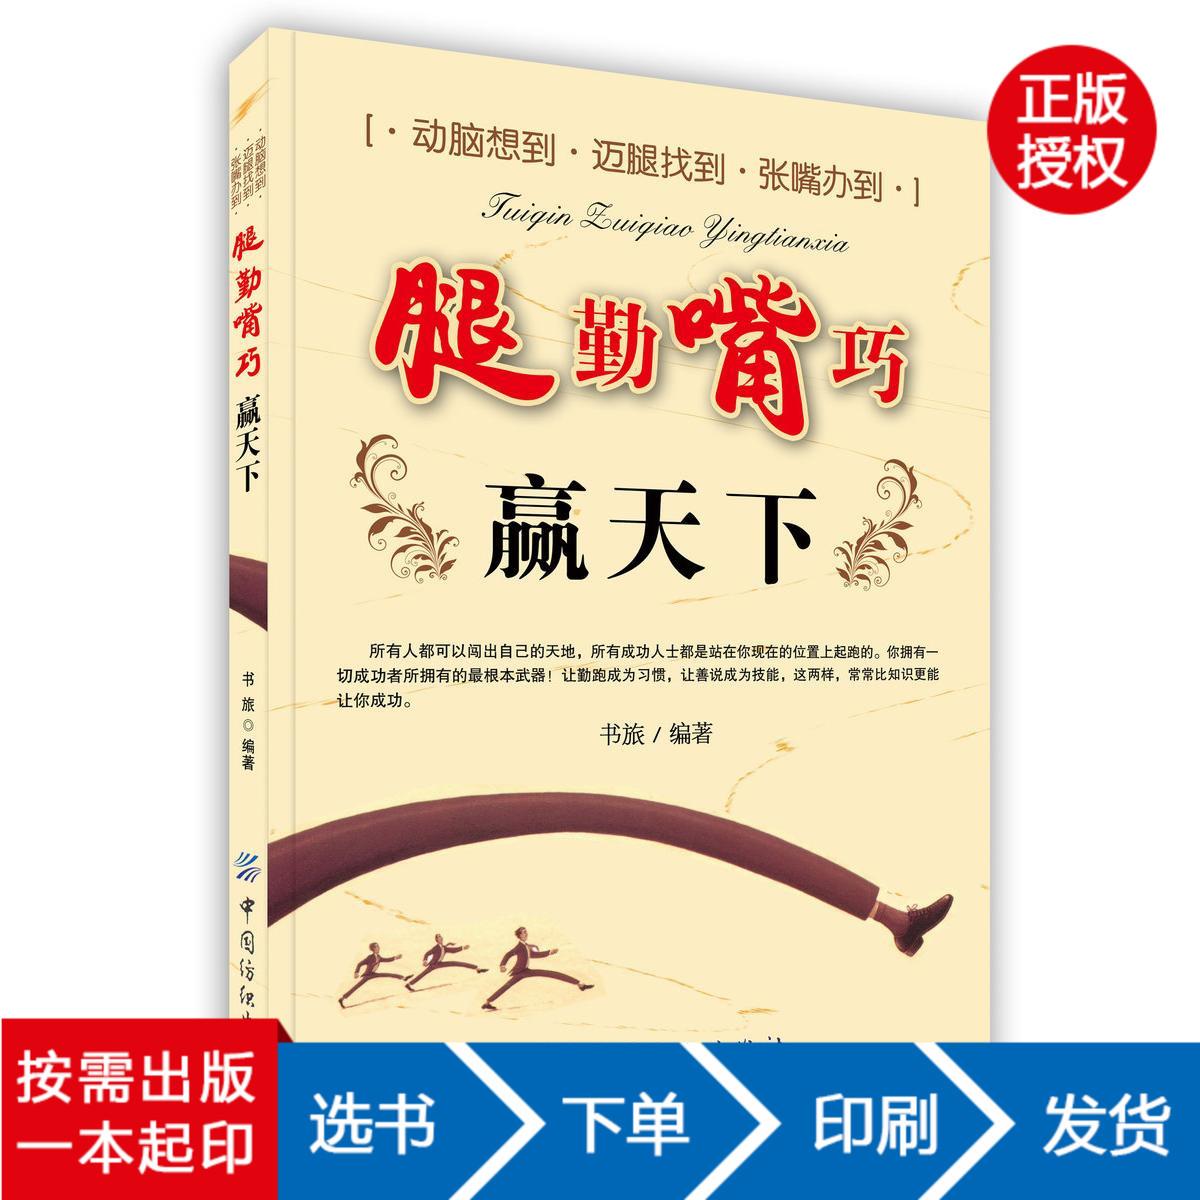 【虎彩 按需出版】腿勤嘴巧赢天下 书旅 著 中国纺织出版社